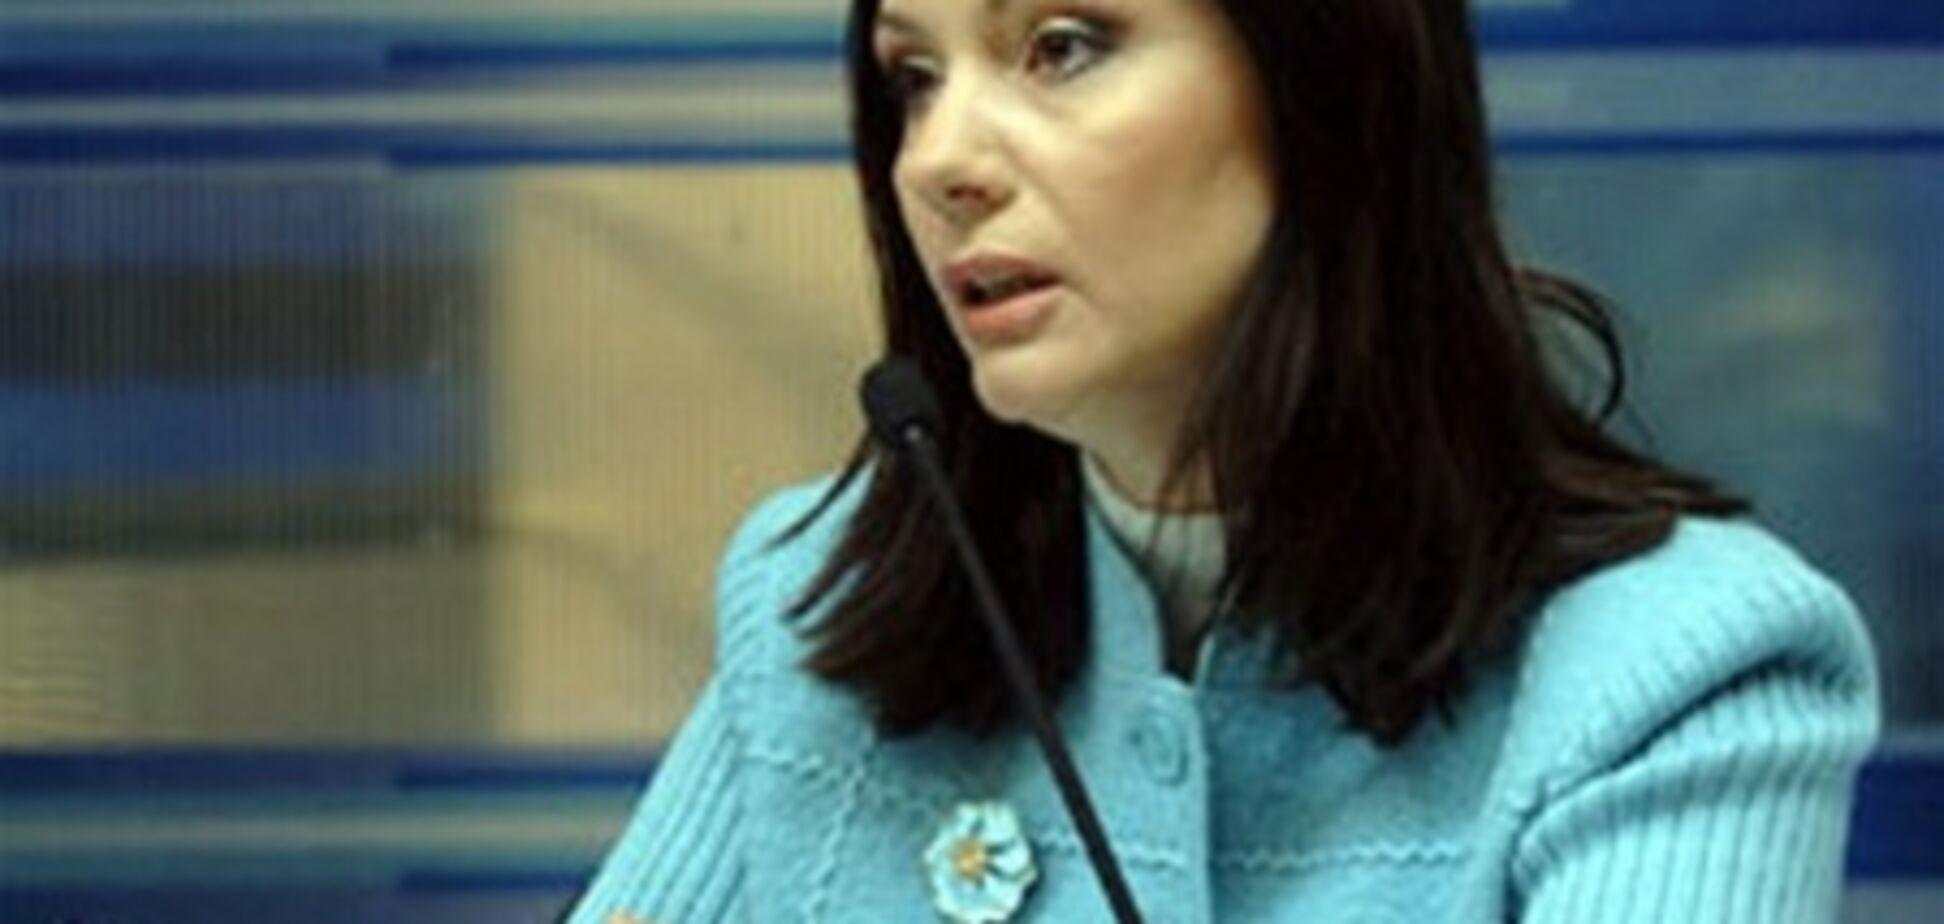 ПР: Тимошенко хоче дотягнути розгляд 'газової справи' до виборів